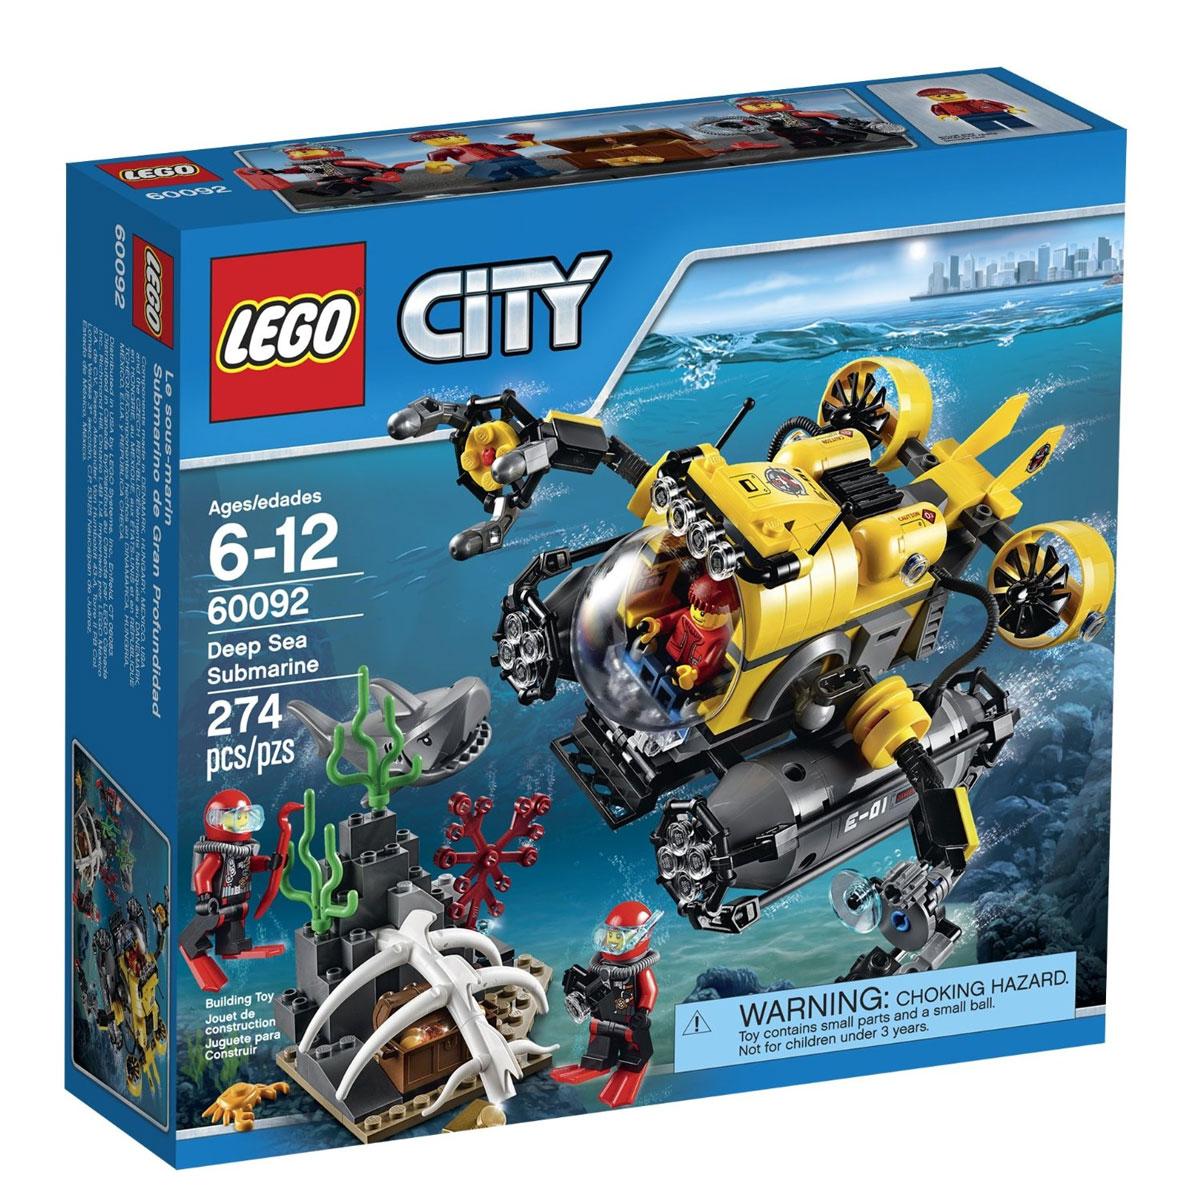 LEGO City Конструктор Глубоководная подводная лодка 6009260092Исследуй тайны океана на глубоководной подлодке! Исследователи глубин Lego City заметили таинственный сундук, лежащий в скелете кита, но огромная, молниеносная акула мешает им приблизиться. Открой стеклянную кабину подводной лодки, поднимайся на борт и погружайся в океан, используя мощные поворачивающиеся двигатели для движения сквозь воду. Прибыв на место, используй прожектор и захват, расположенные на манипуляторах подлодки, чтобы достать сундук. Есть ли в нём потерянные сокровища? В набор входят 3 минифигурки с разнообразными аксессуарами: подводник и 2 аквалангиста. В процессе игры с конструкторами LEGO дети приобретают и постигают такие необходимые навыки как познание, творчество, воображение. Обычные наблюдения за детьми показывают, что единственное, чему они с удовольствием посвящают время, - это игры. Игра - это состояние души, это веселый опыт познания реальности. Играя, дети создают собственные миры, осваивают их, восстанавливают прошедшие и будущие события через...